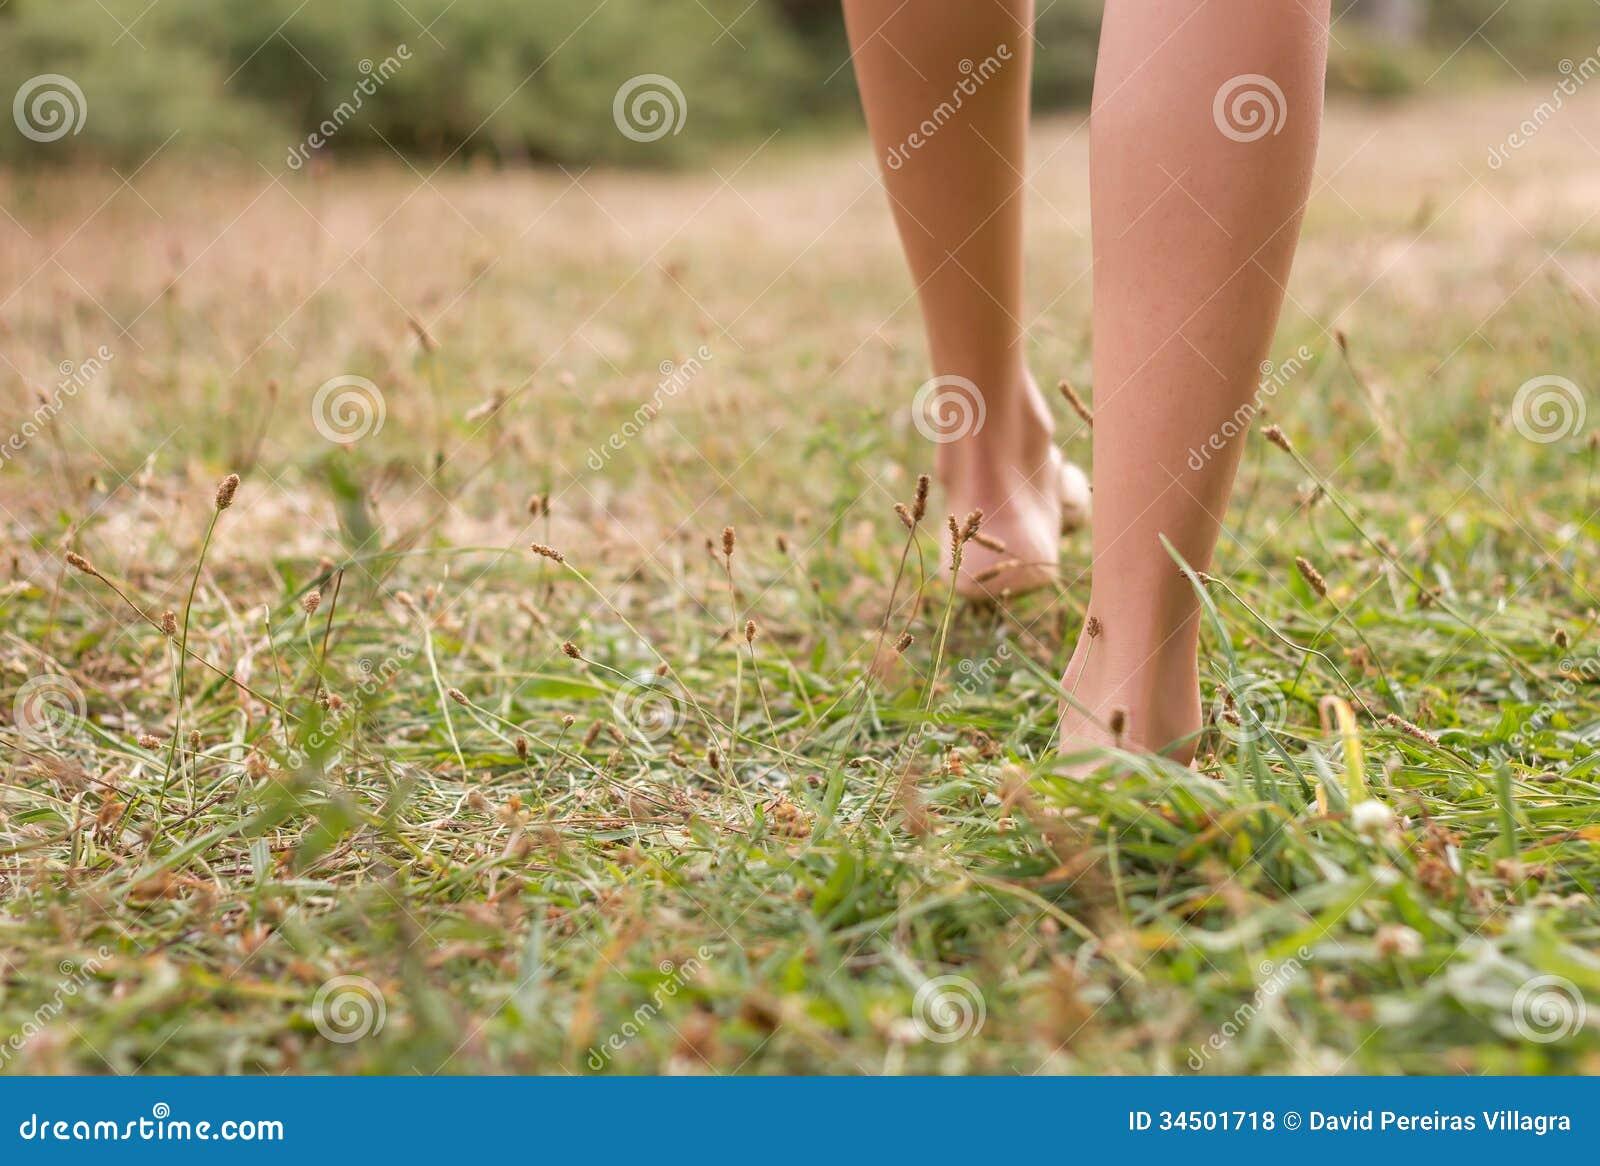 Νέα θηλυκά πόδια που περπατούν στη χλόη